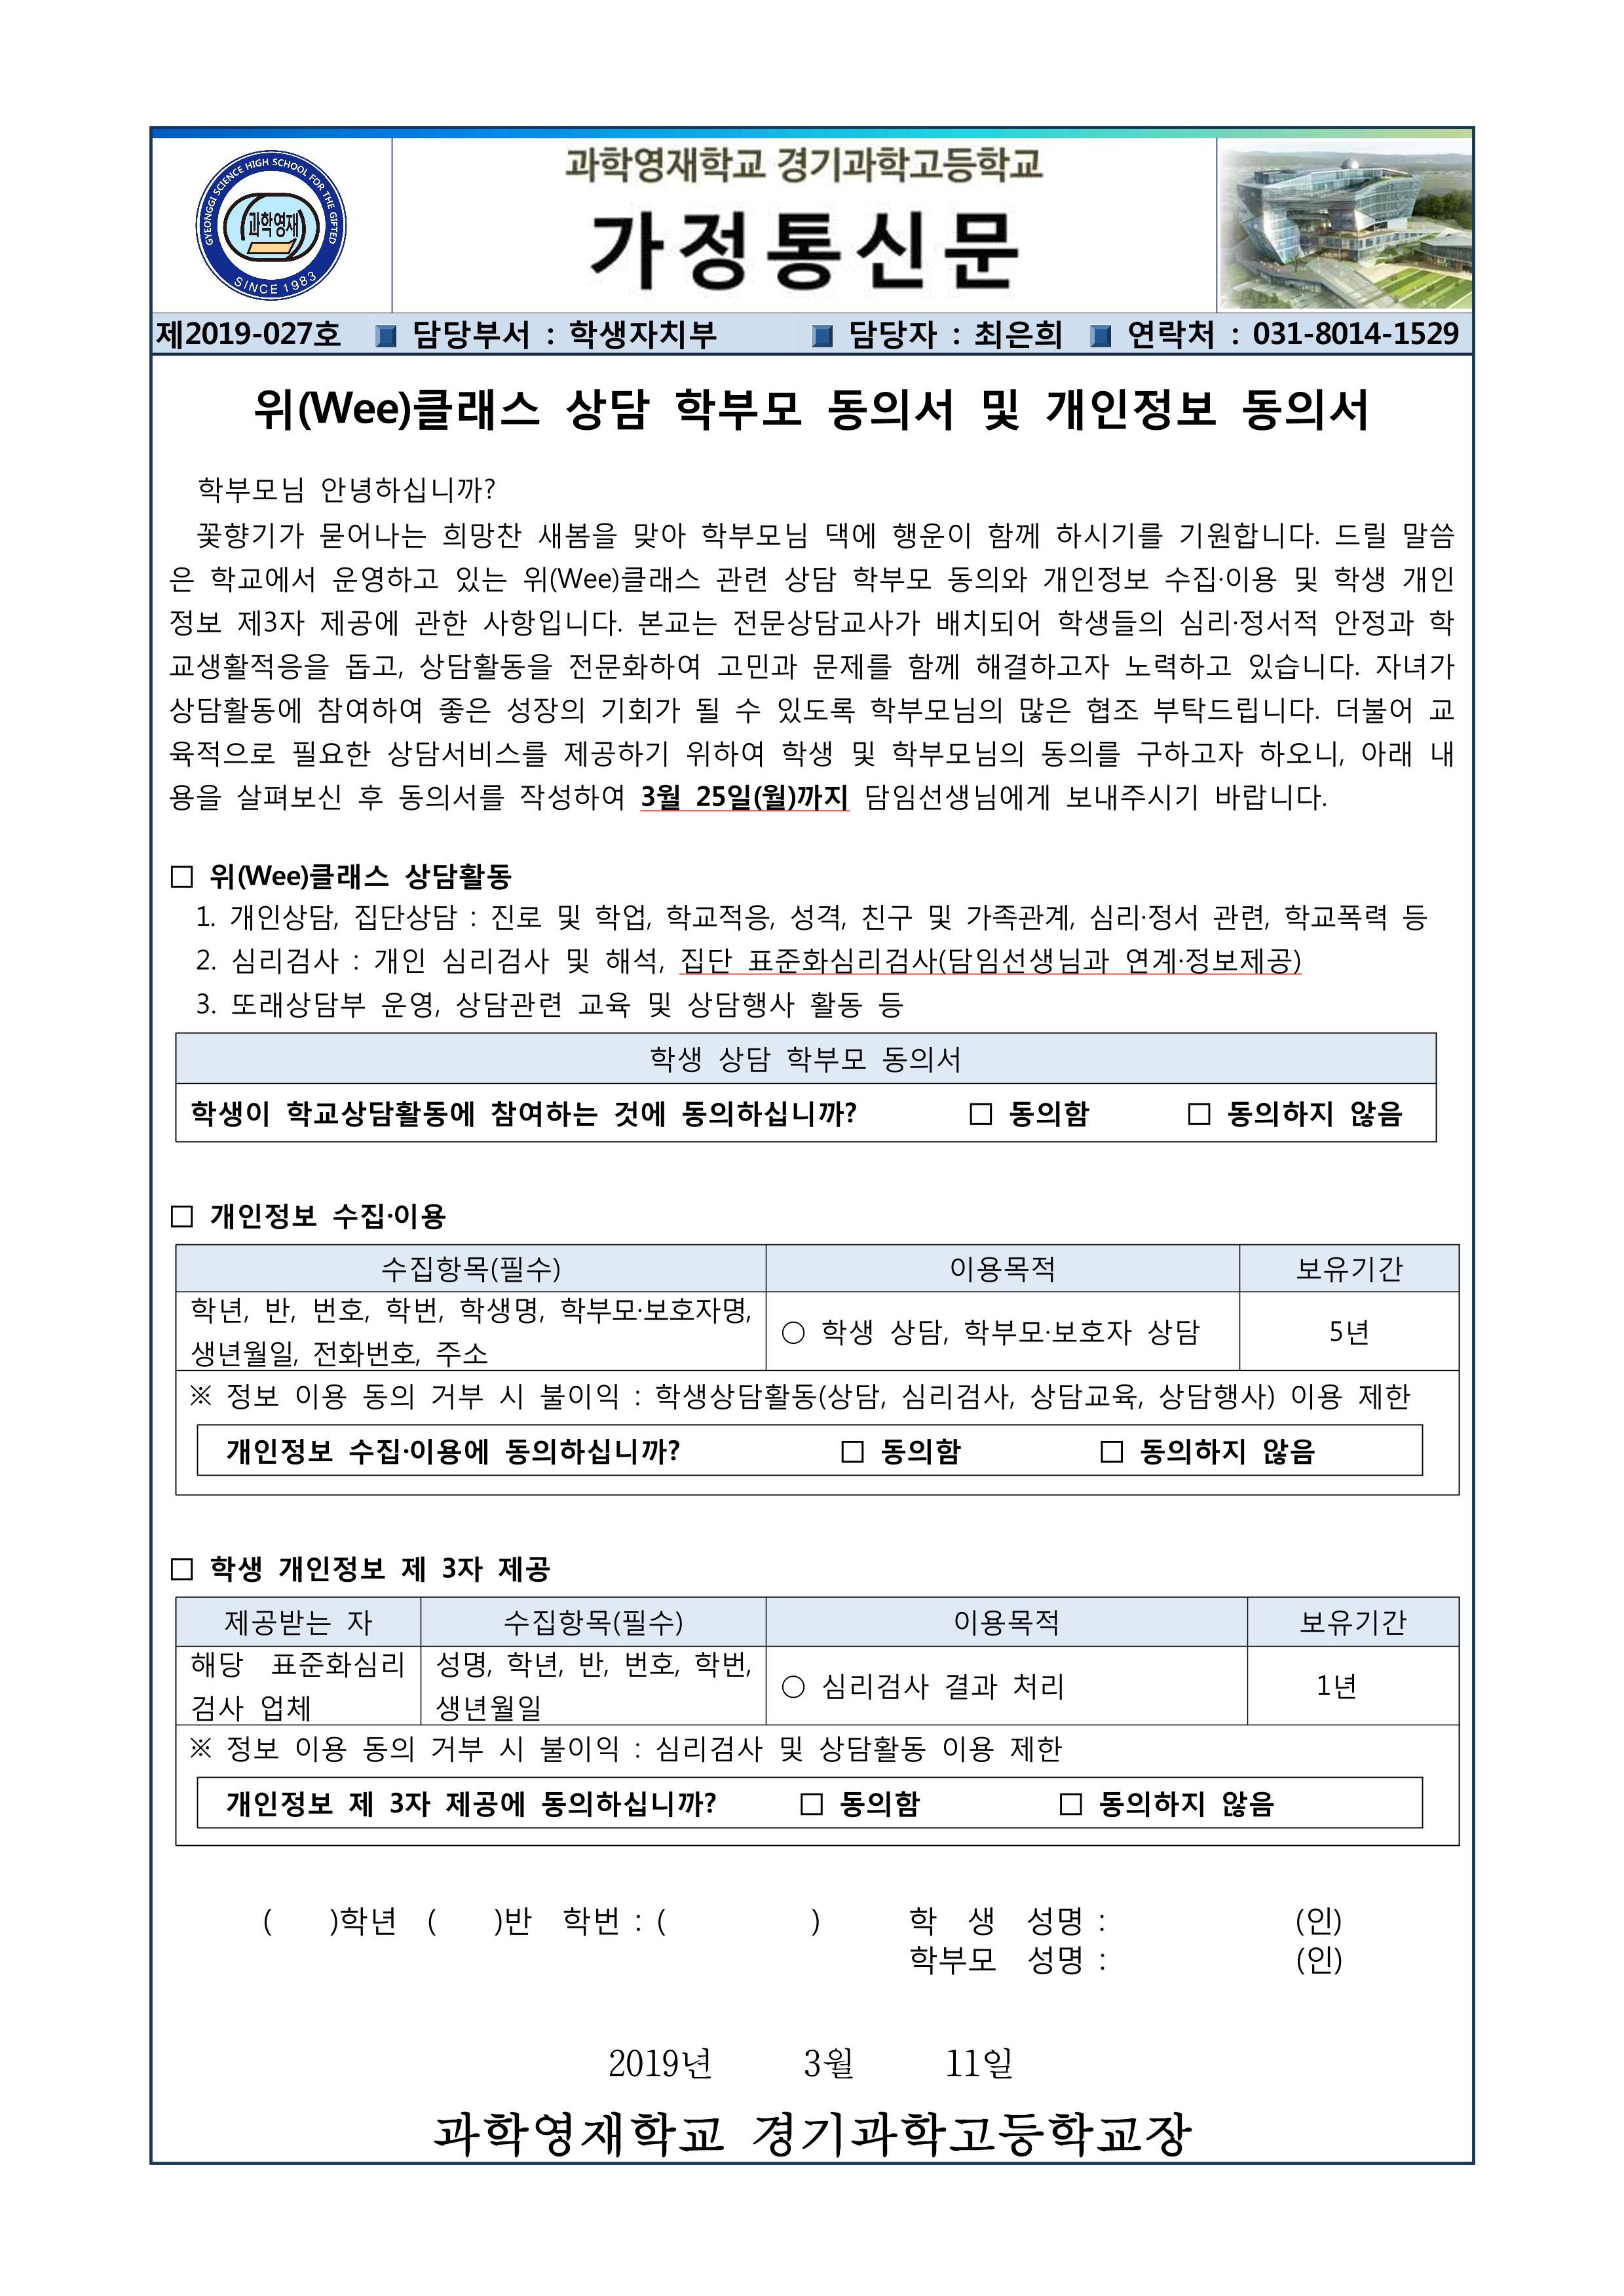 2019 위(Wee)클래스 상담 학부모 동의서 및 개인정보 동의서 0Page.